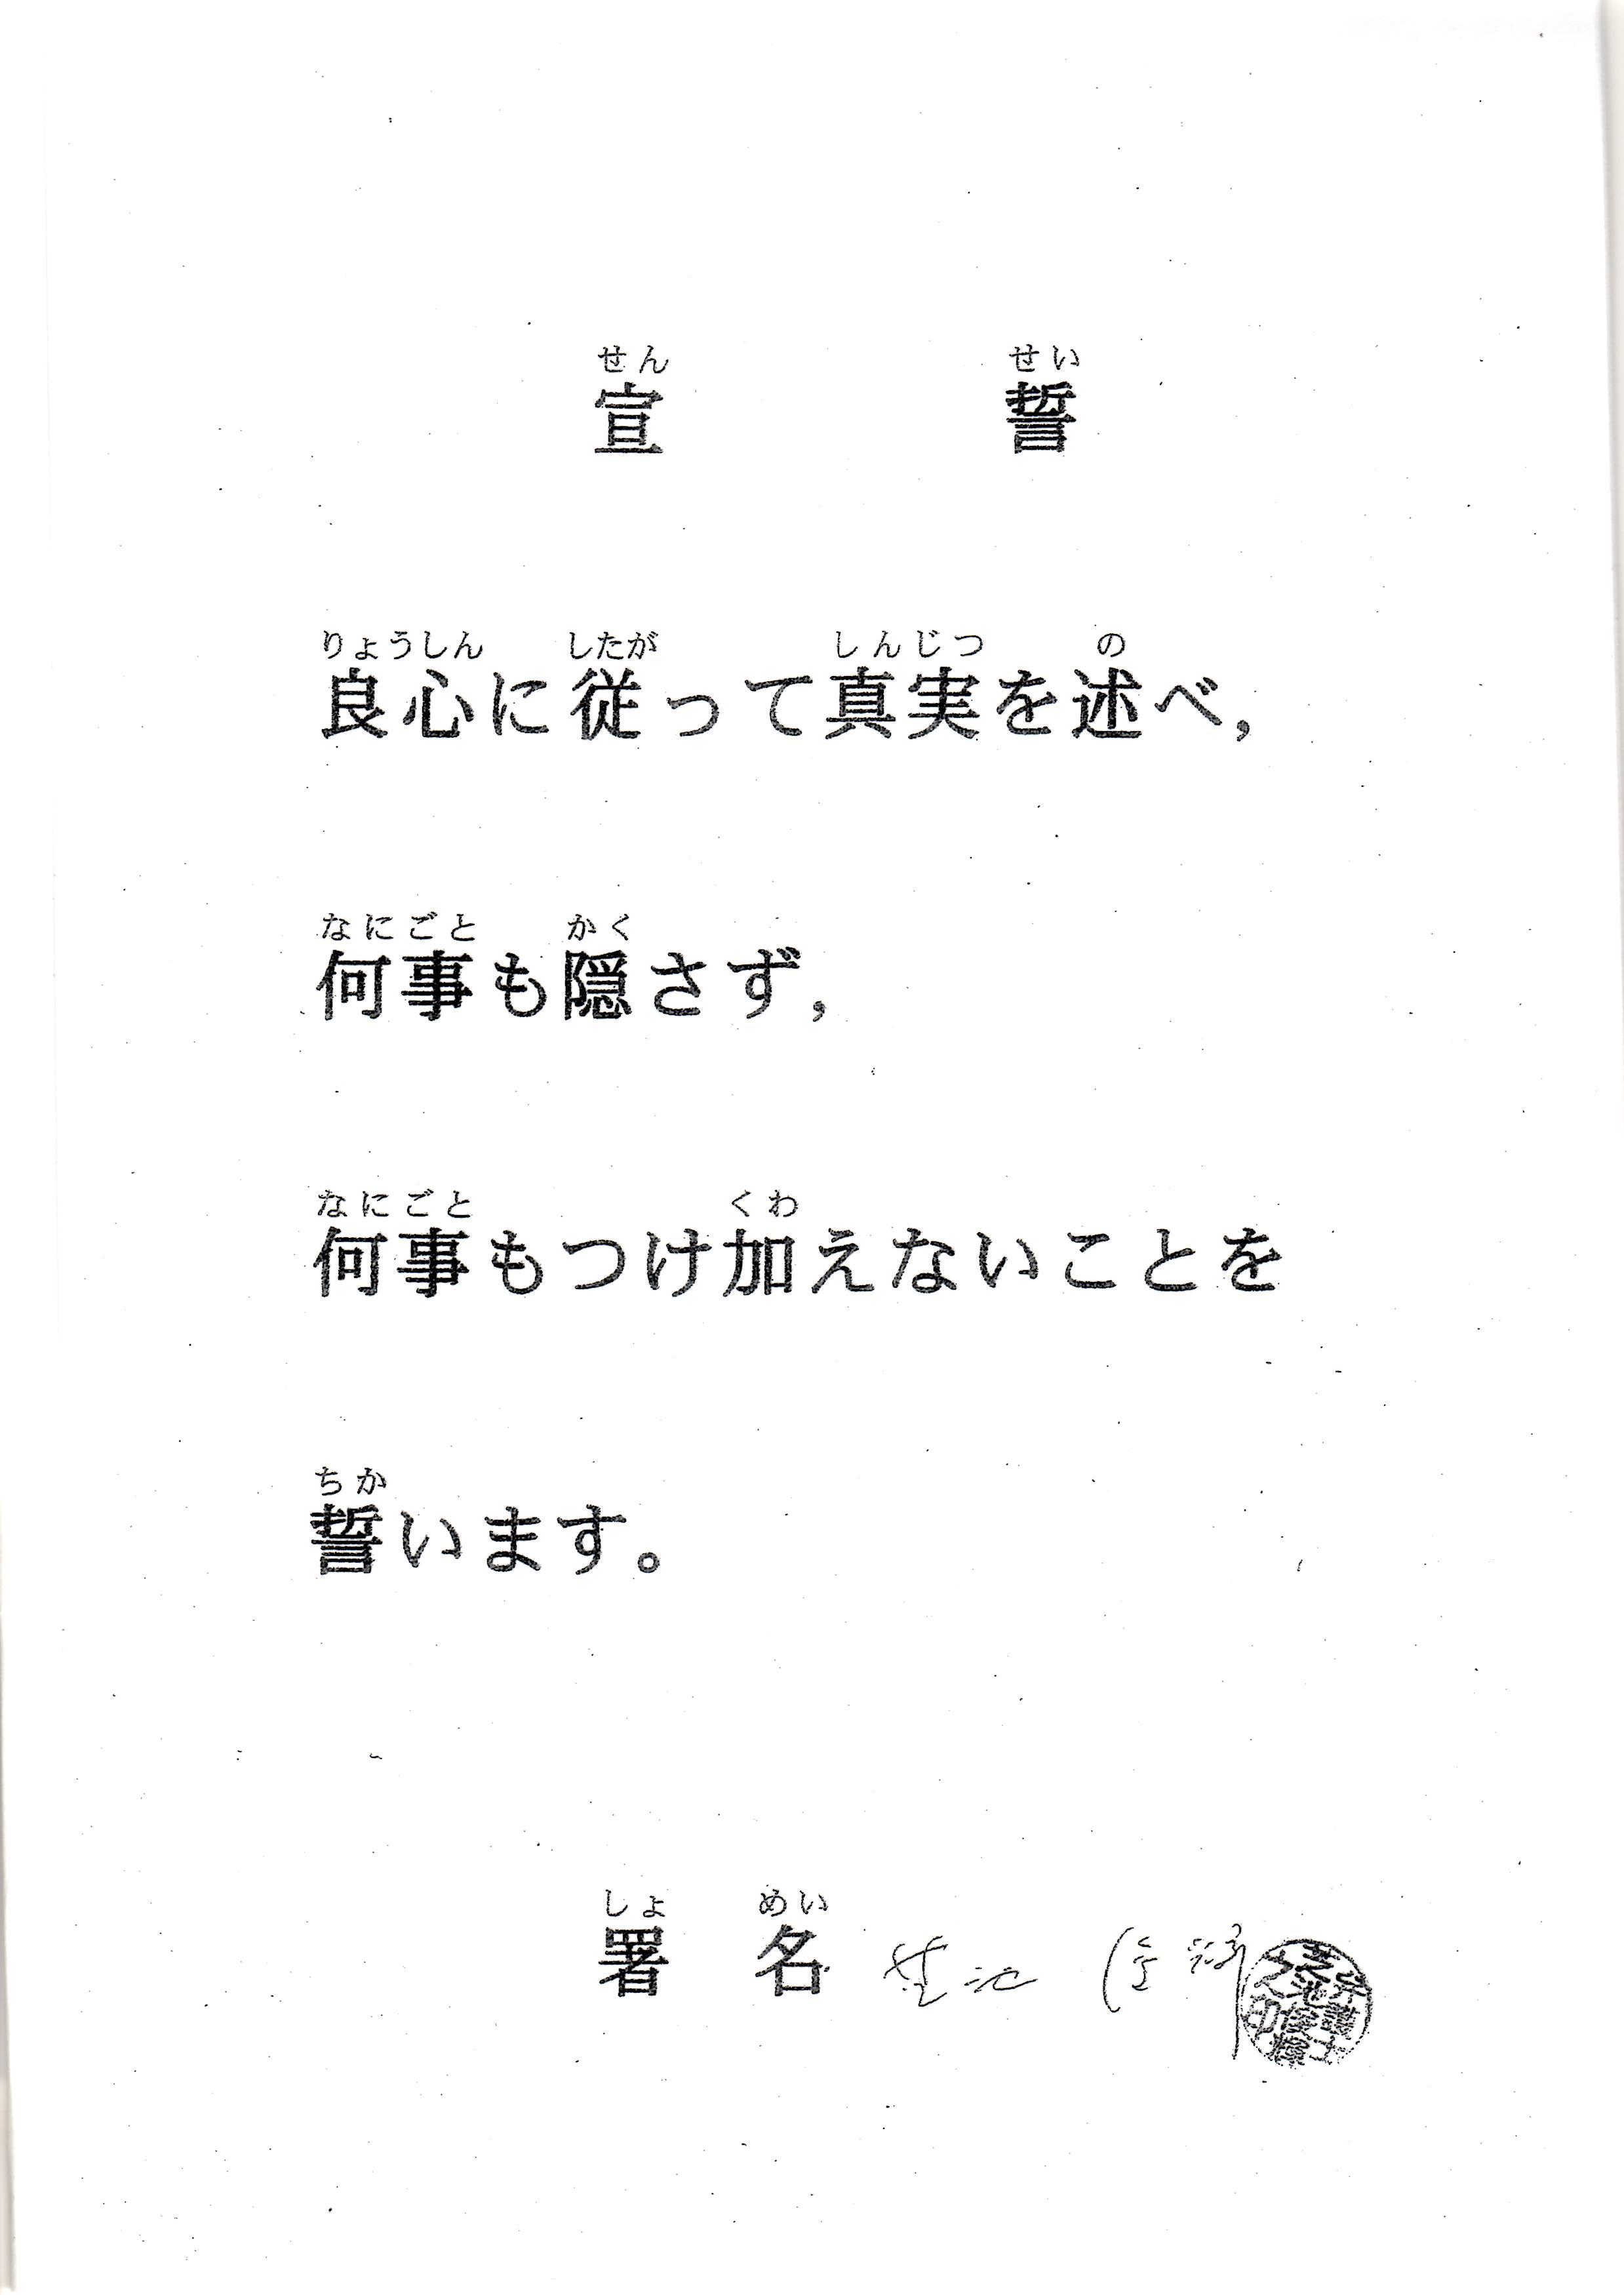 被告人 芝池俊輝 の本人尋問(平成29年6月28日午後1時10分開廷)尋問調書より弁護士芝池俊輝の宣誓を抜粋。宣誓した以上は真実を語るべき。